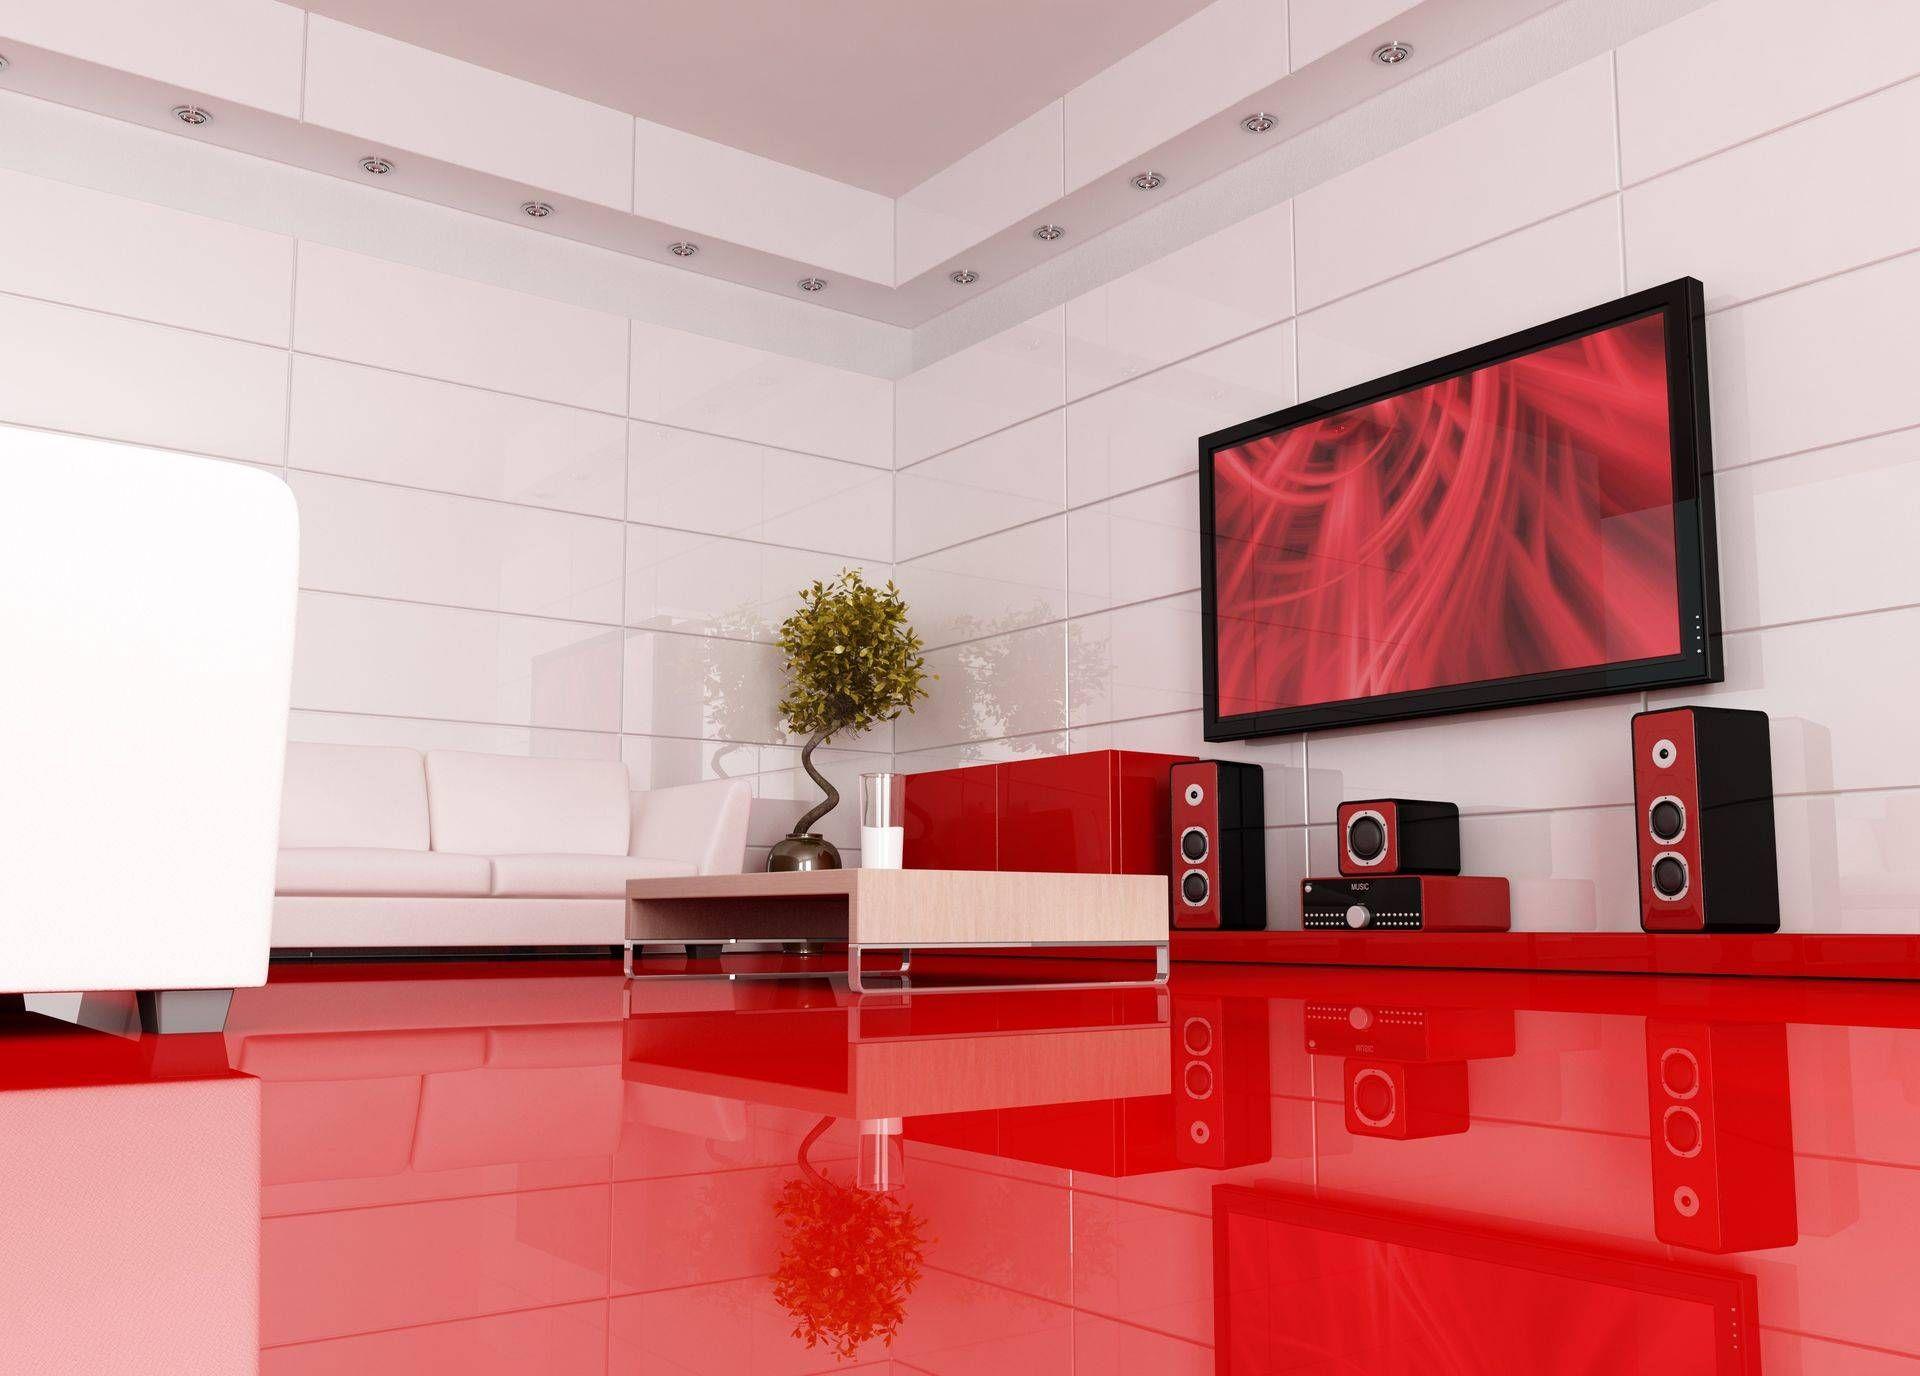 Interieur pack 340 wallpaper decoration interieure gratuit fond decran